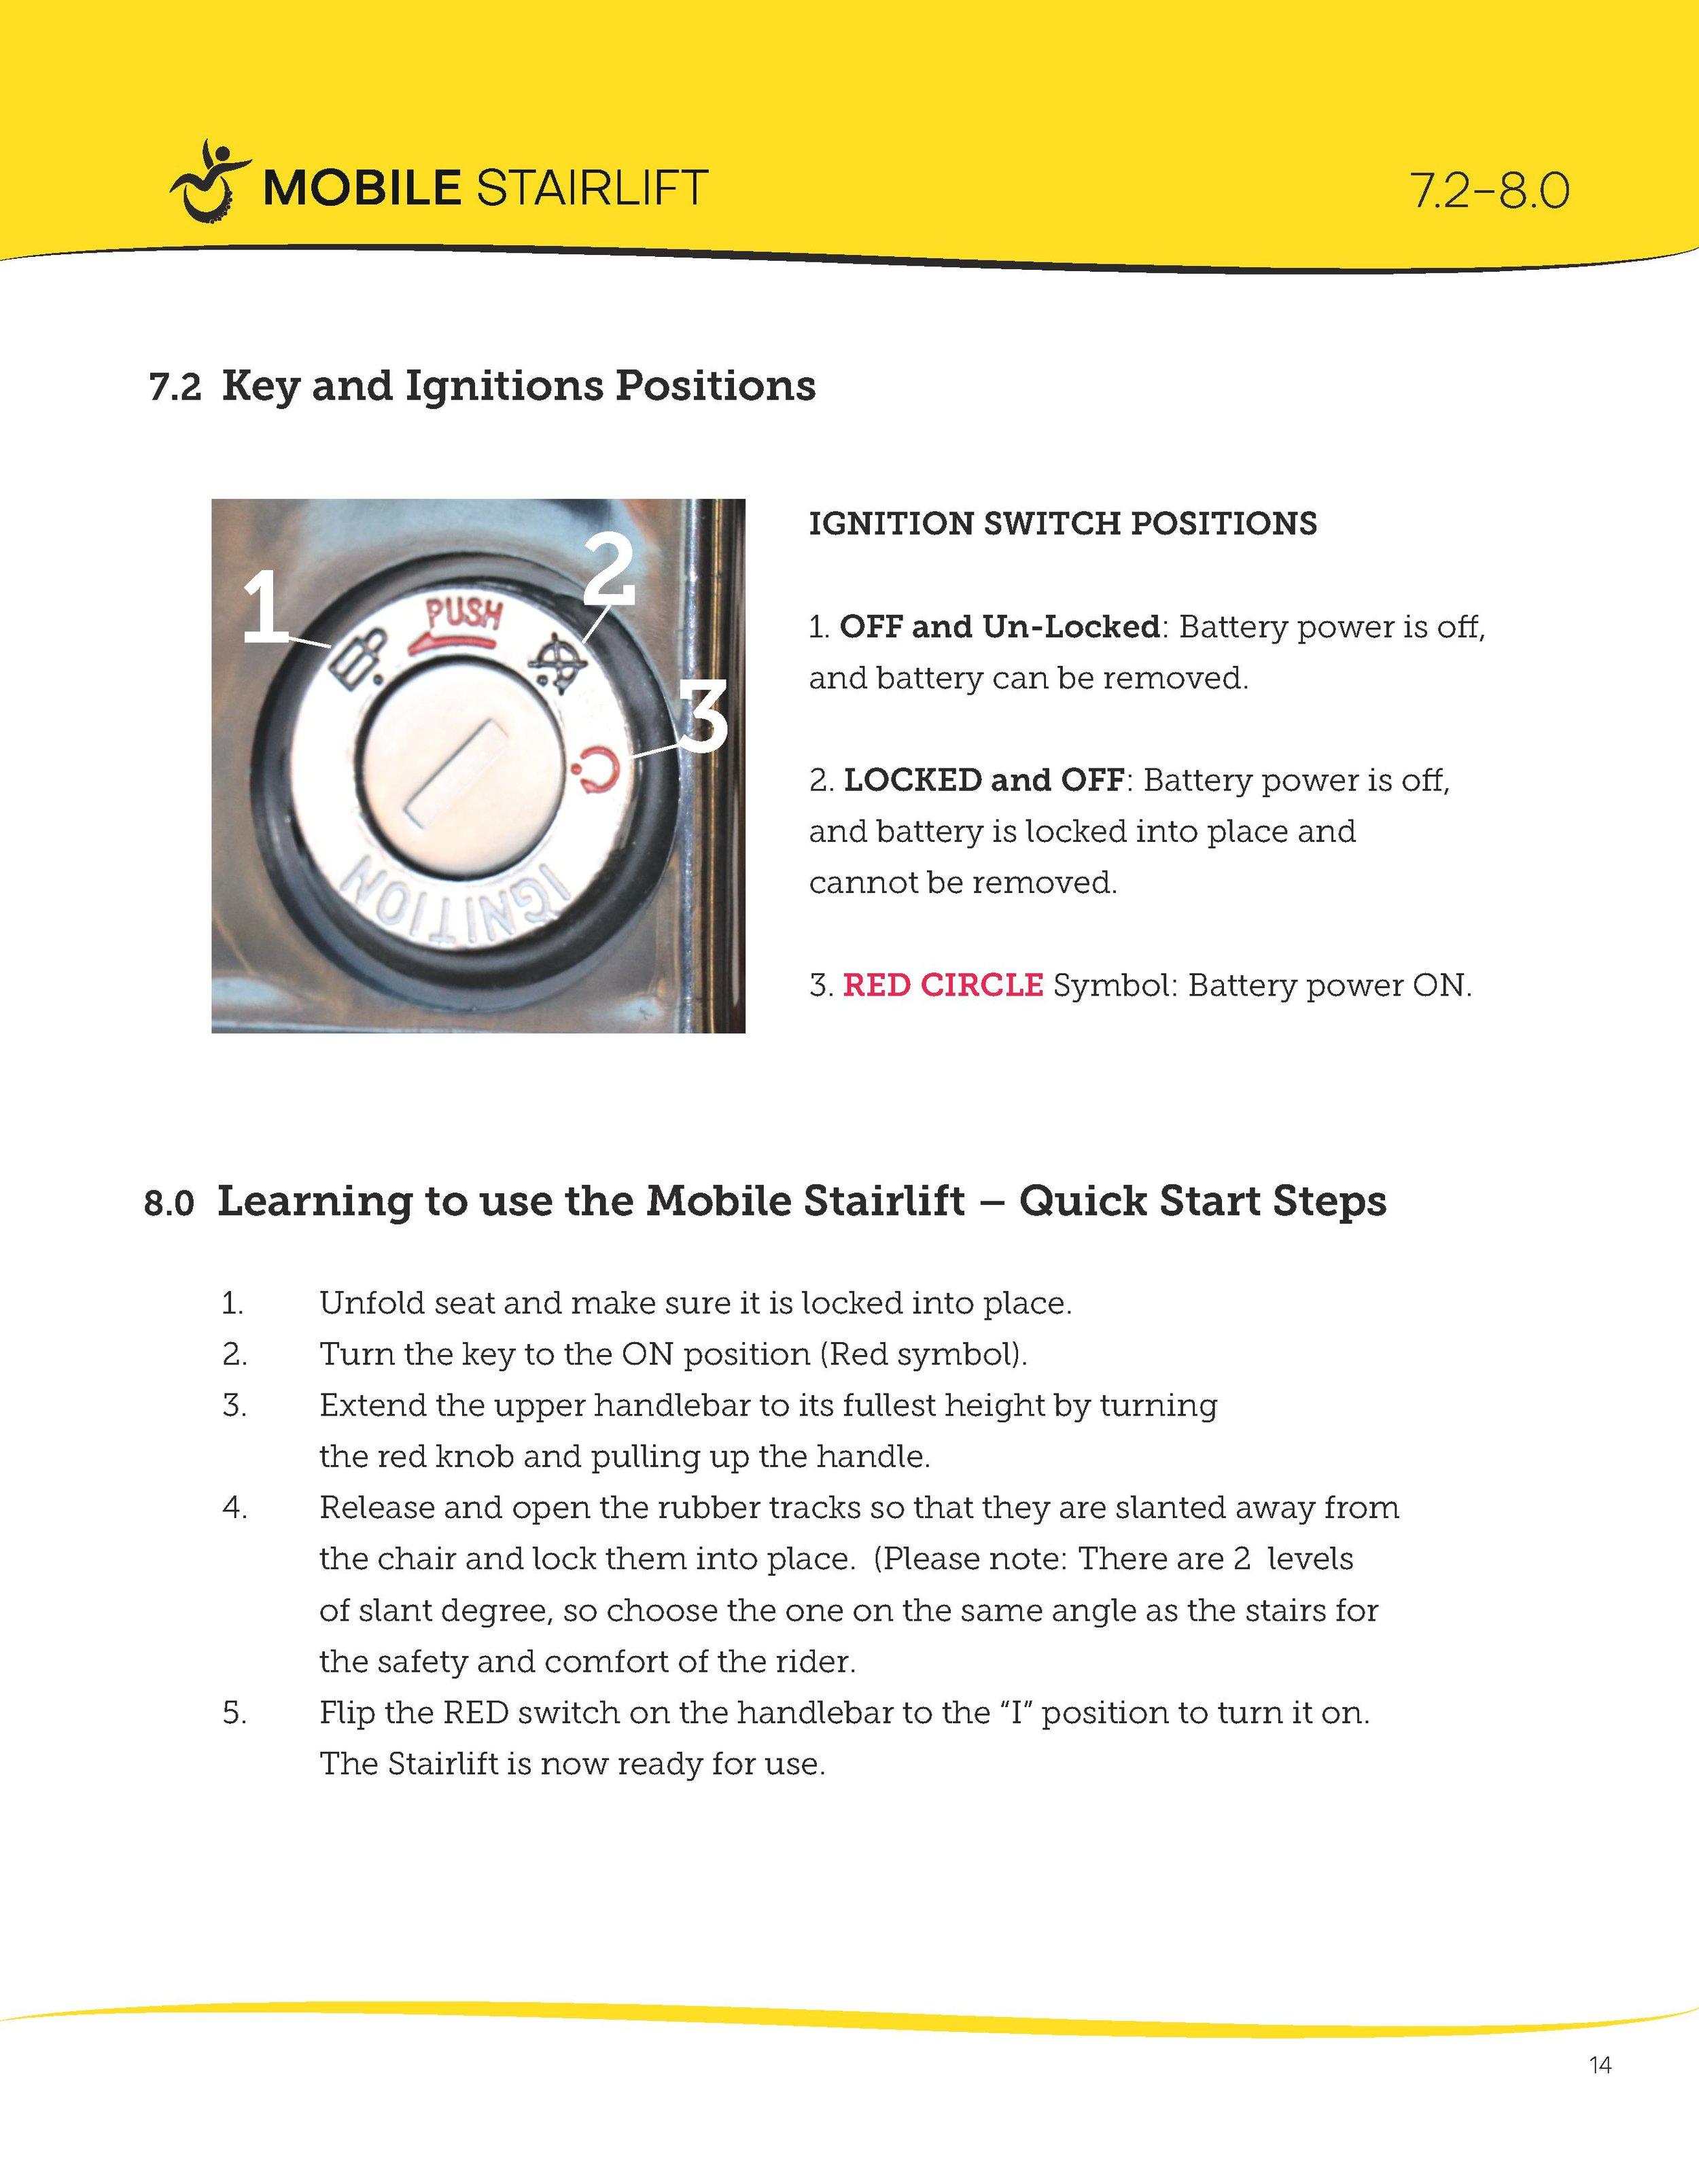 Mobile Stairlift Instruction Manual-15.jpg